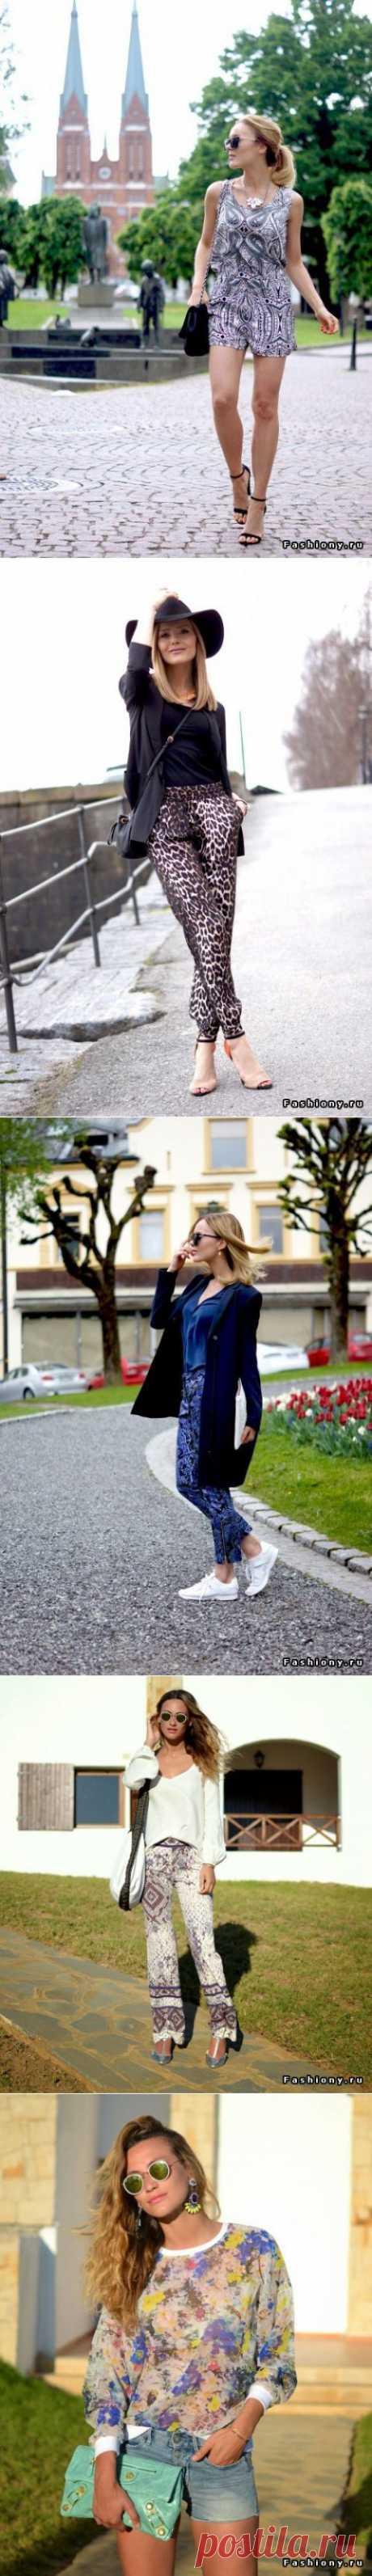 (+1) тема - Новое от модных блогеров: уличная мода | Мода